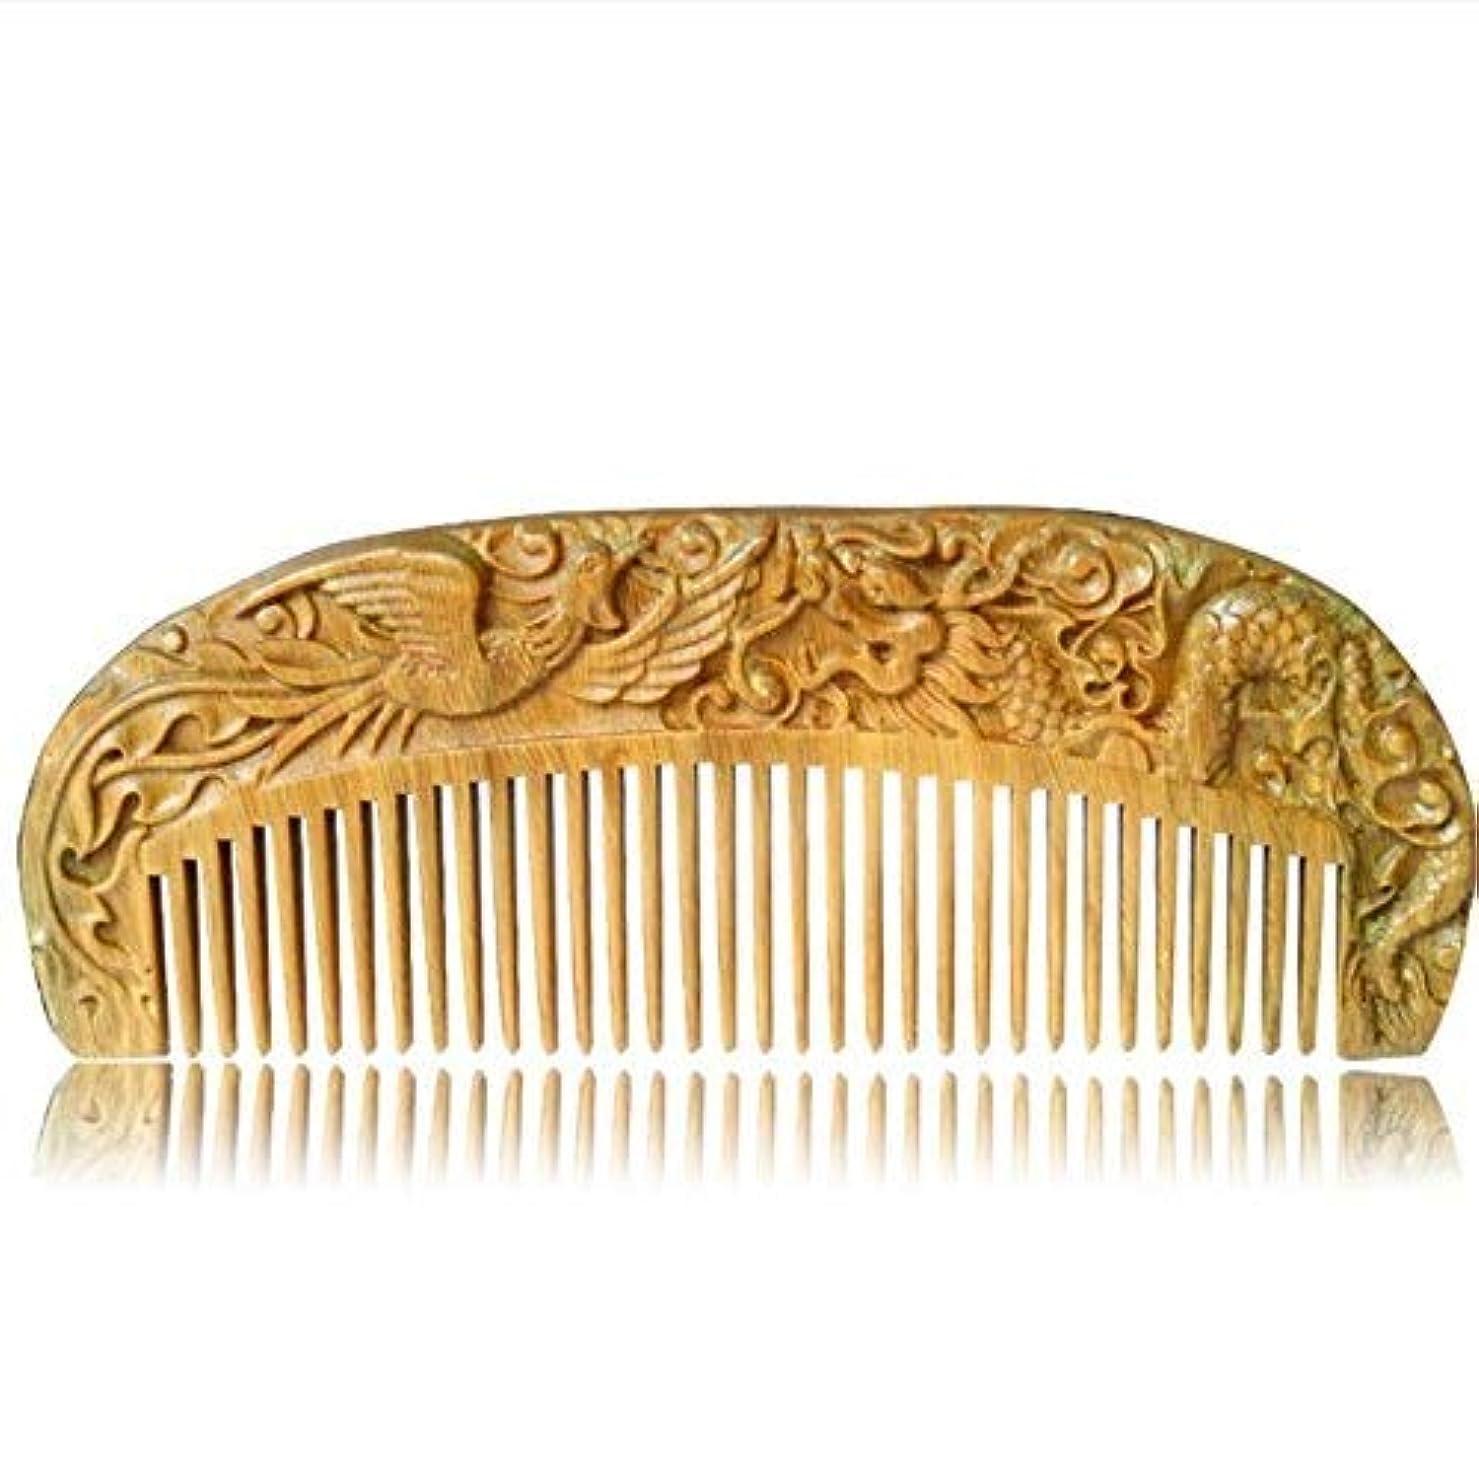 ラッカス豚永久にHandmade Carved Natural Sandalwood Hair Comb - Anti-Static Sandalwood Hair Comb Beard Brush Rake Comb Handmade...